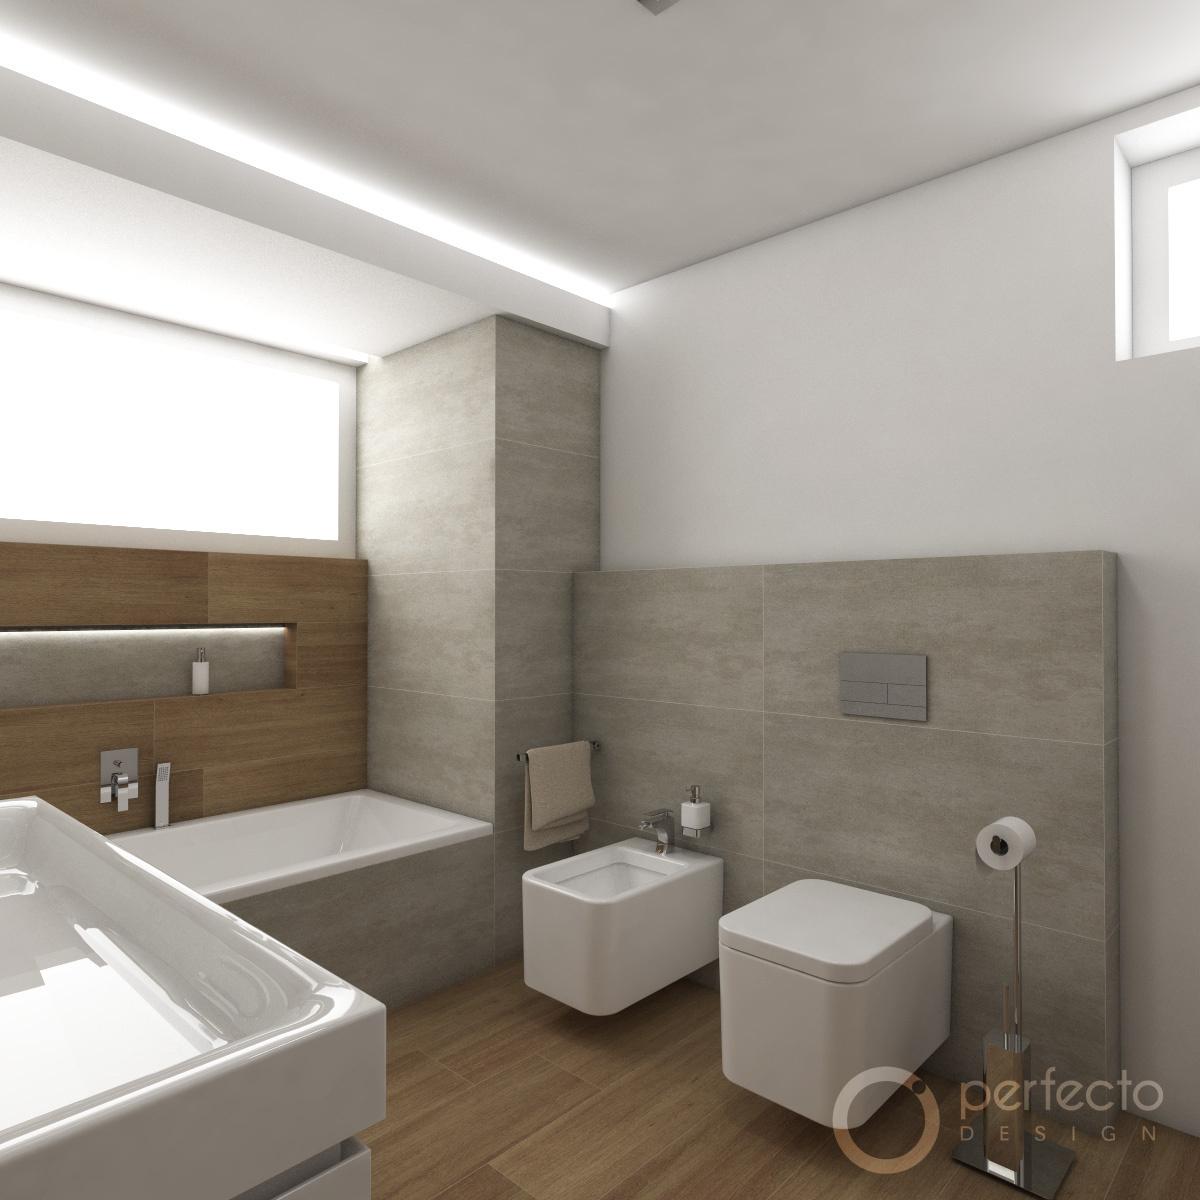 Badezimmer design massiv blox haus design und m bel ideen for Badezimmer design